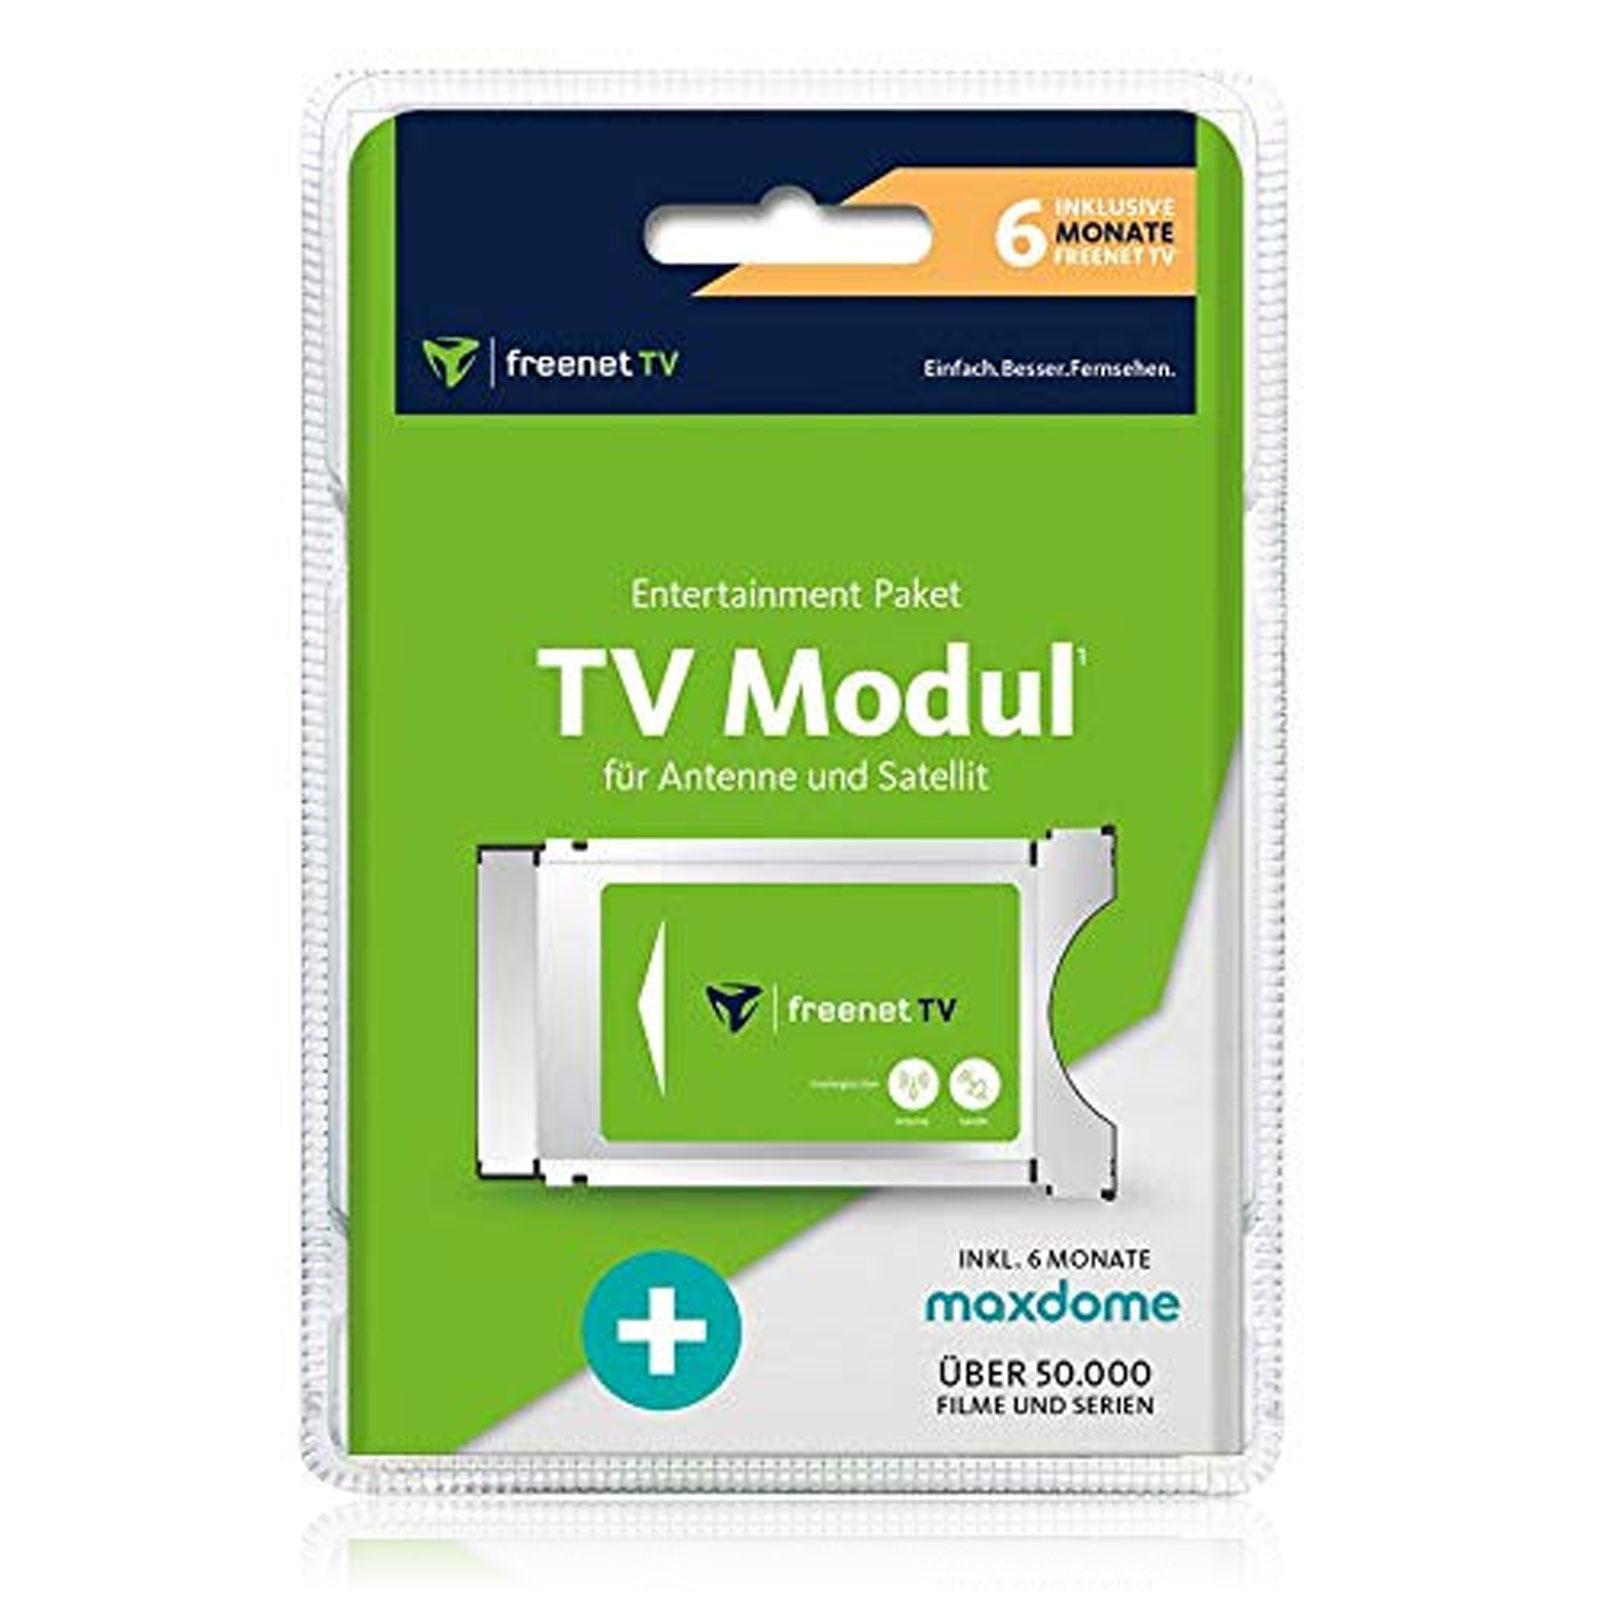 freenet tv hd ci modul f r dvb t2 hd satellit hd 6. Black Bedroom Furniture Sets. Home Design Ideas